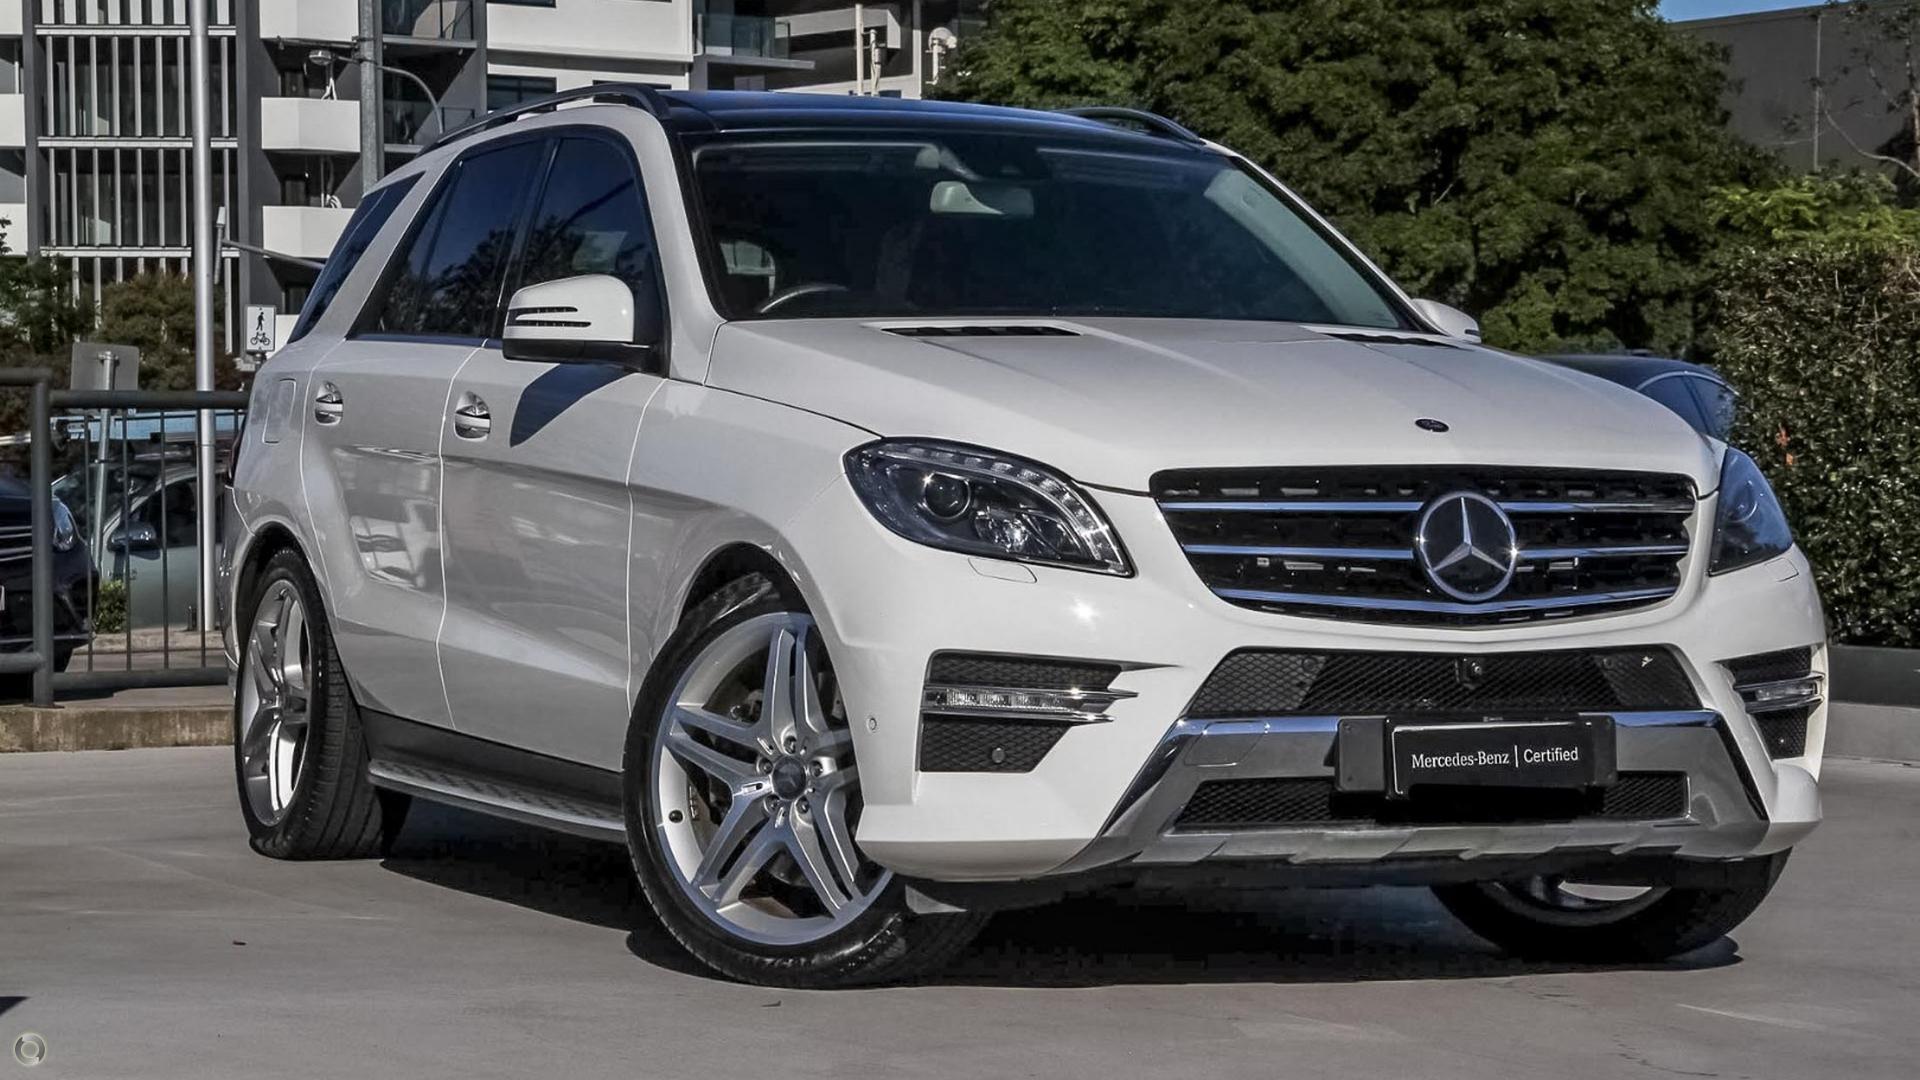 2015 Mercedes-Benz ML 400 Suv